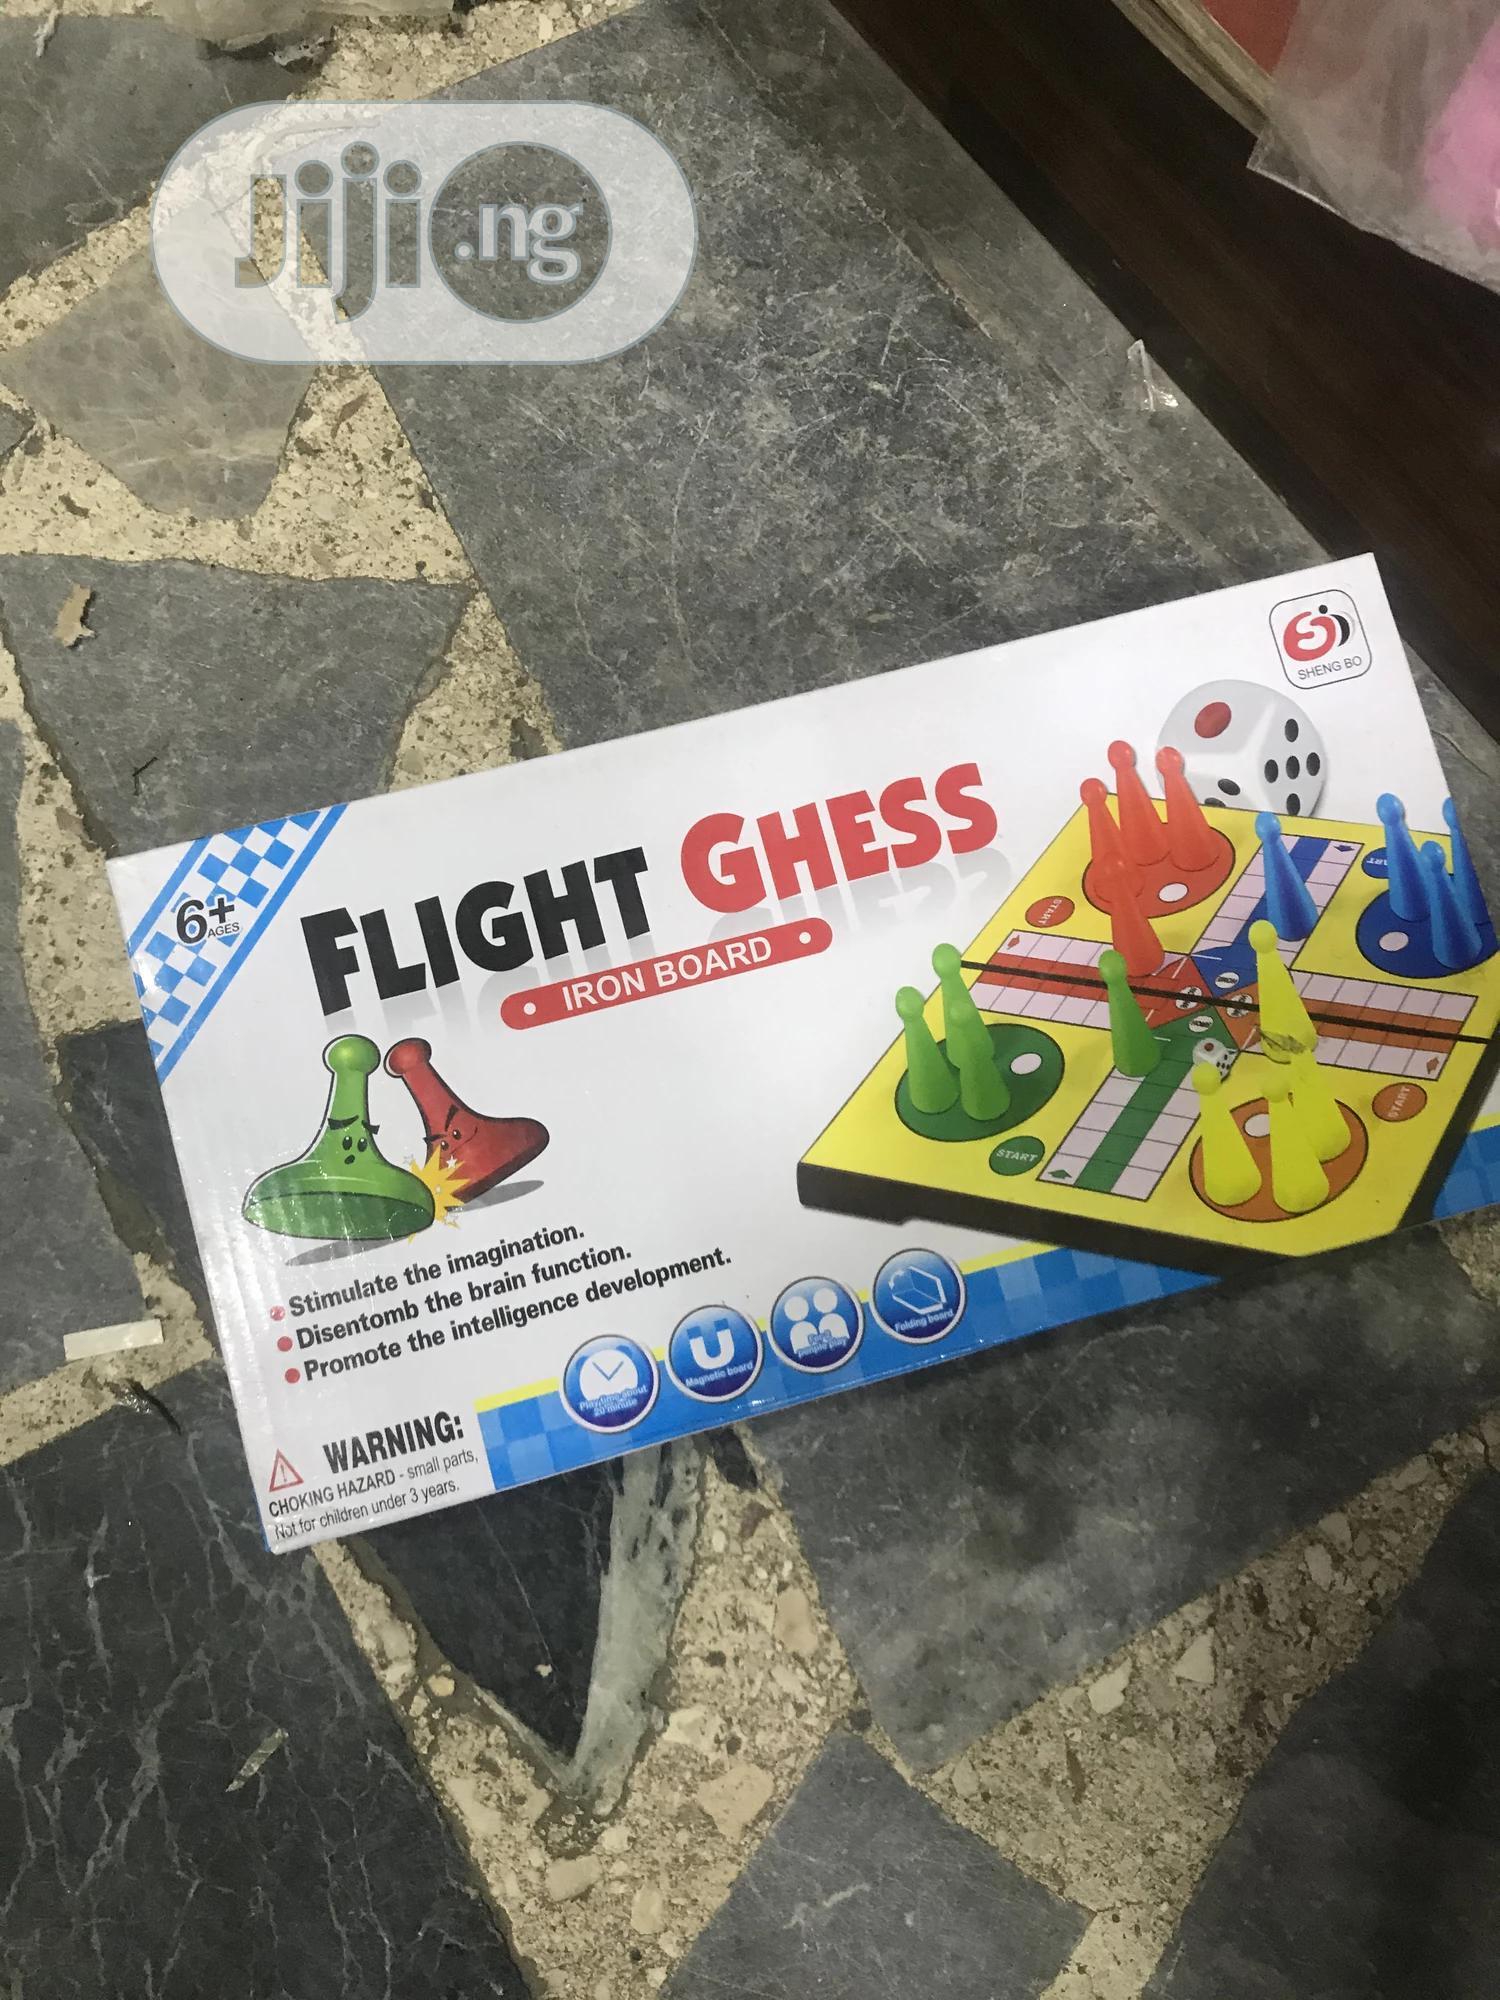 Flight Chess Game